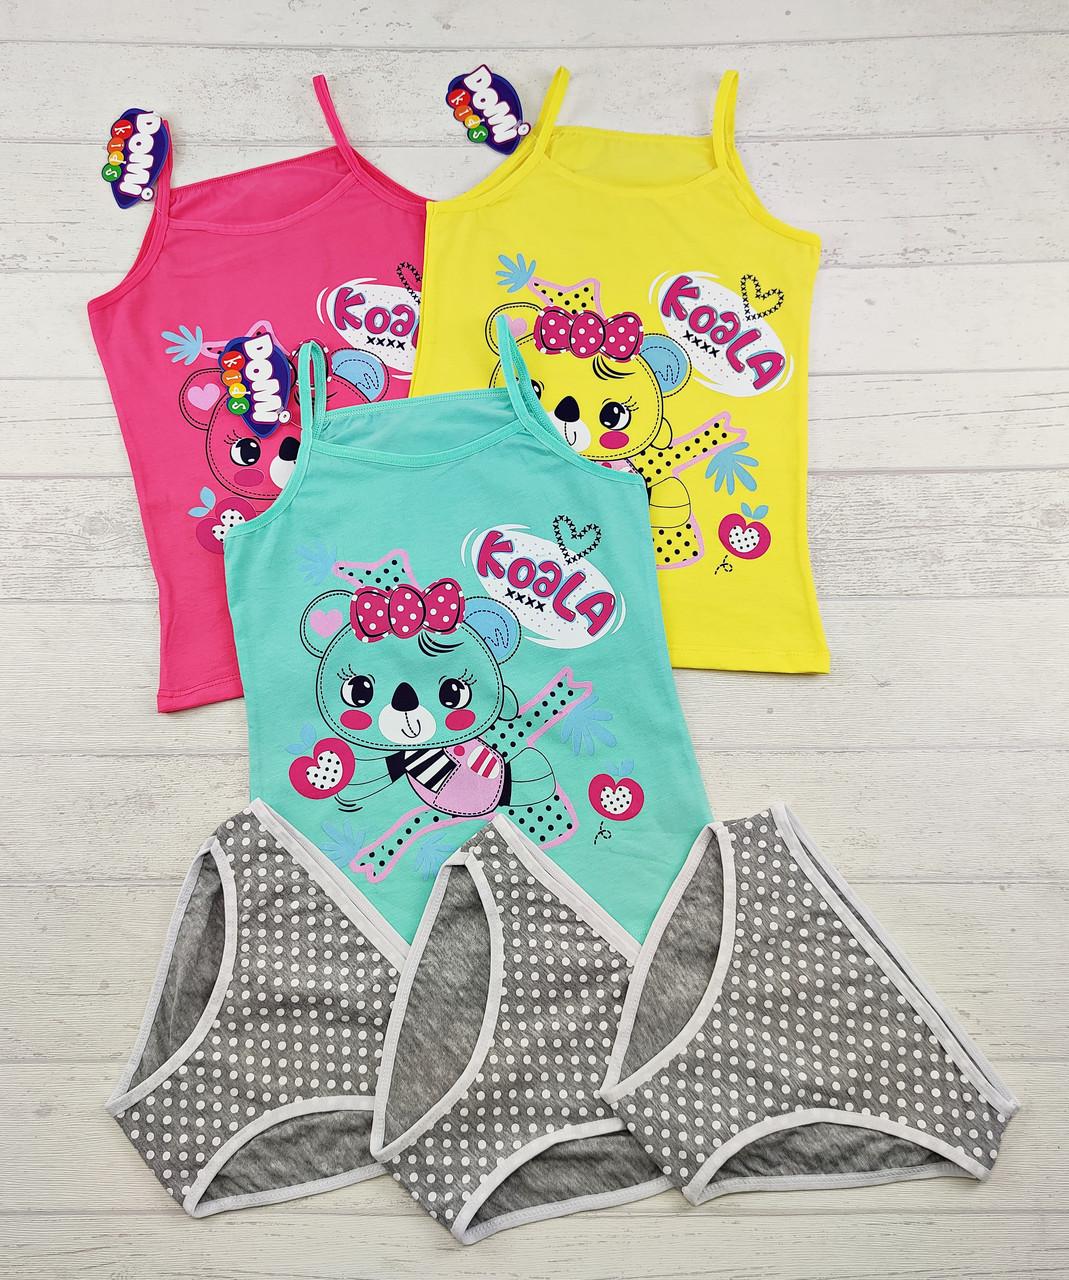 Комплект детского нижнего белья майка и трусики для девочек 8-9 лет